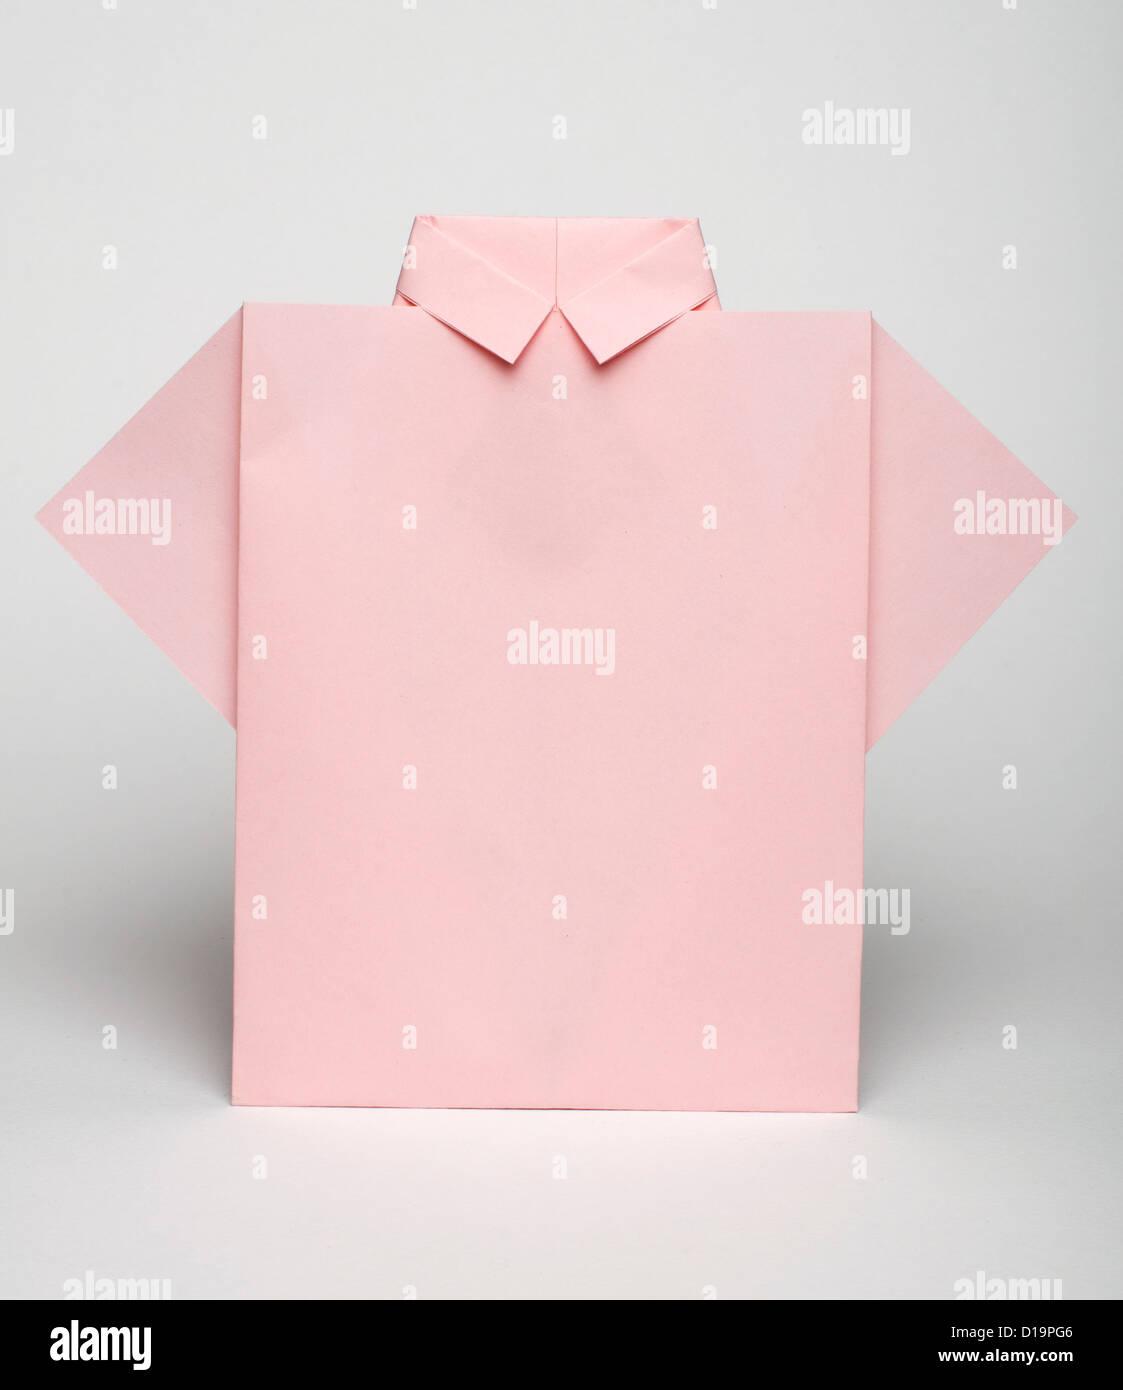 3b90ecfb8 Papel hecho aislado camiseta rosada. Estilo origami plegado Imagen De Stock